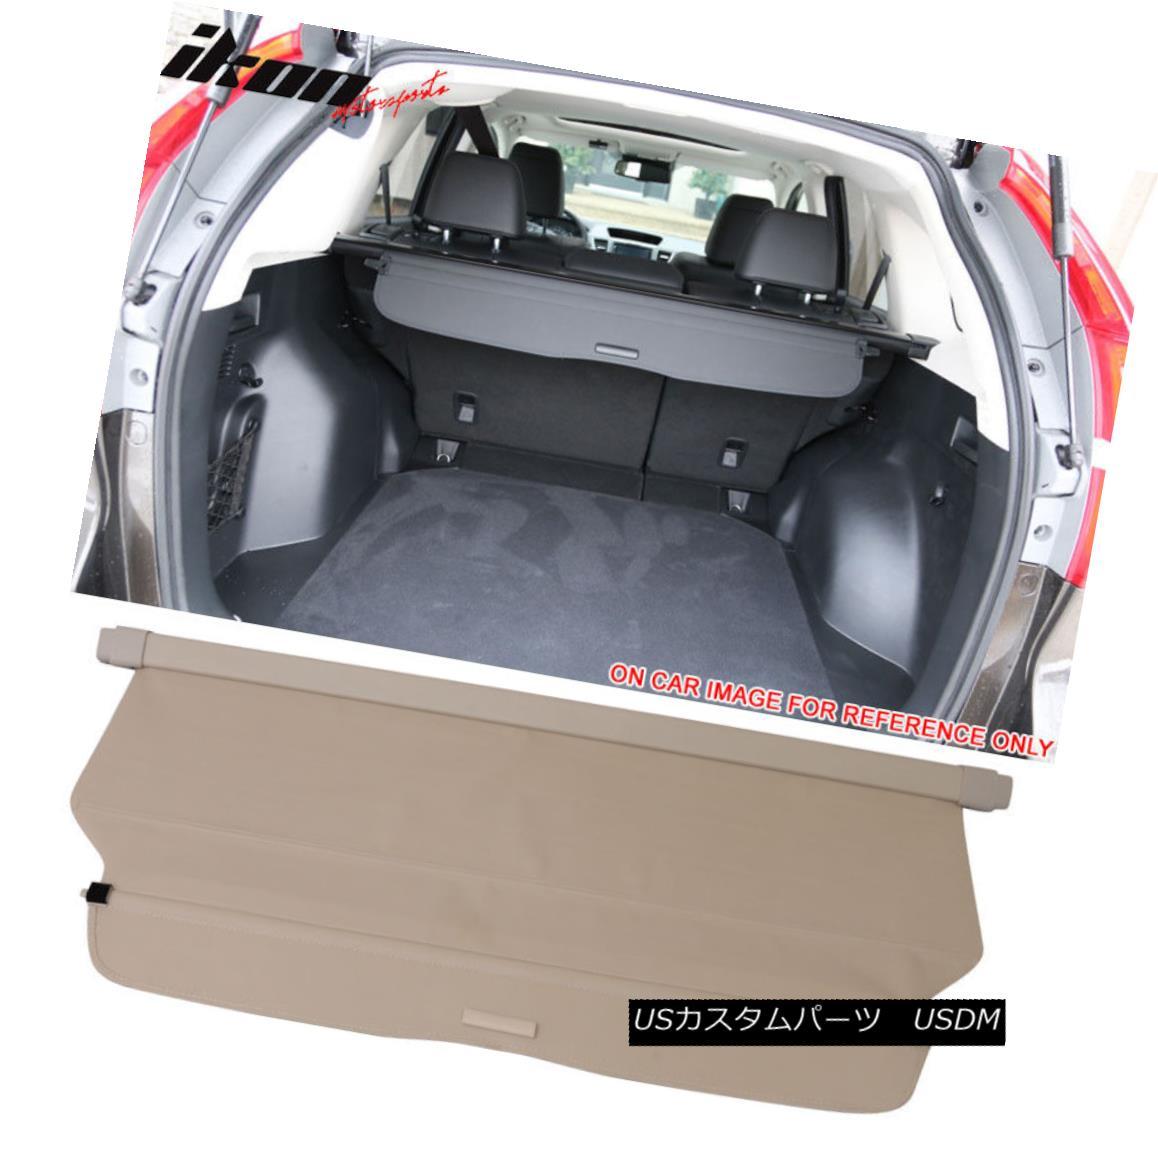 エアロパーツ Fits 12-16 CRV CR-V OE Retractable Rear Cargo Security Trunk Cover Beige New 12-16 CRV CR-V OEリトラクタブルリアカーゴセキュリティトランクカバーベージュに適合